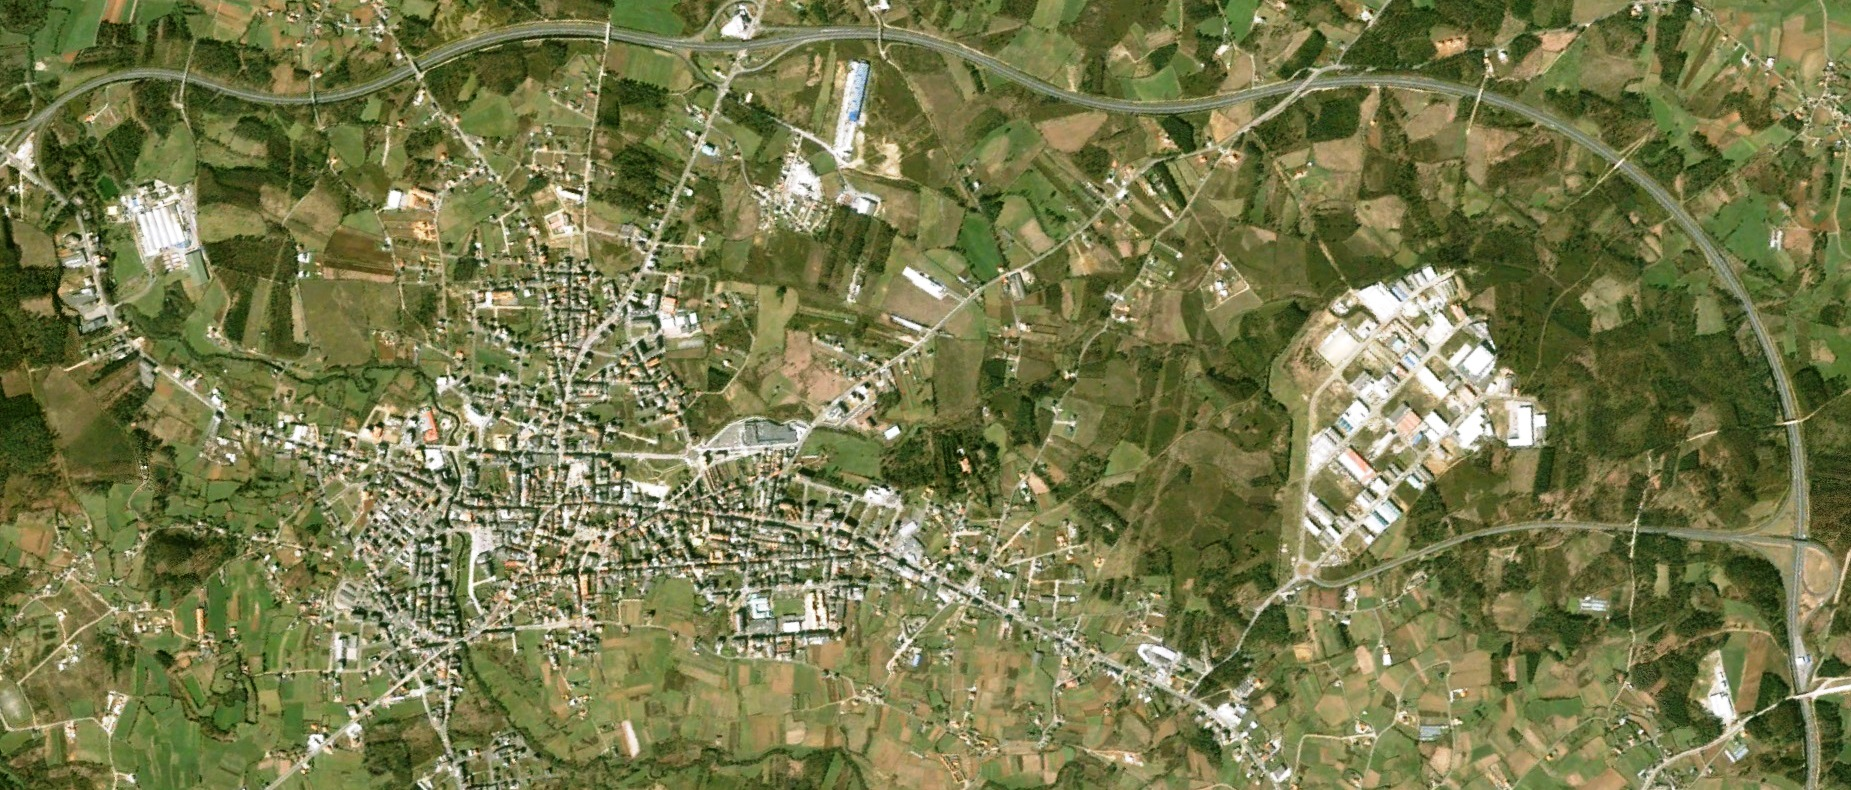 antes, urbanismo, foto aérea, desastre, urbanístico, planeamiento, urbano, construcción, polígono industrial,Carballo, A Coruña